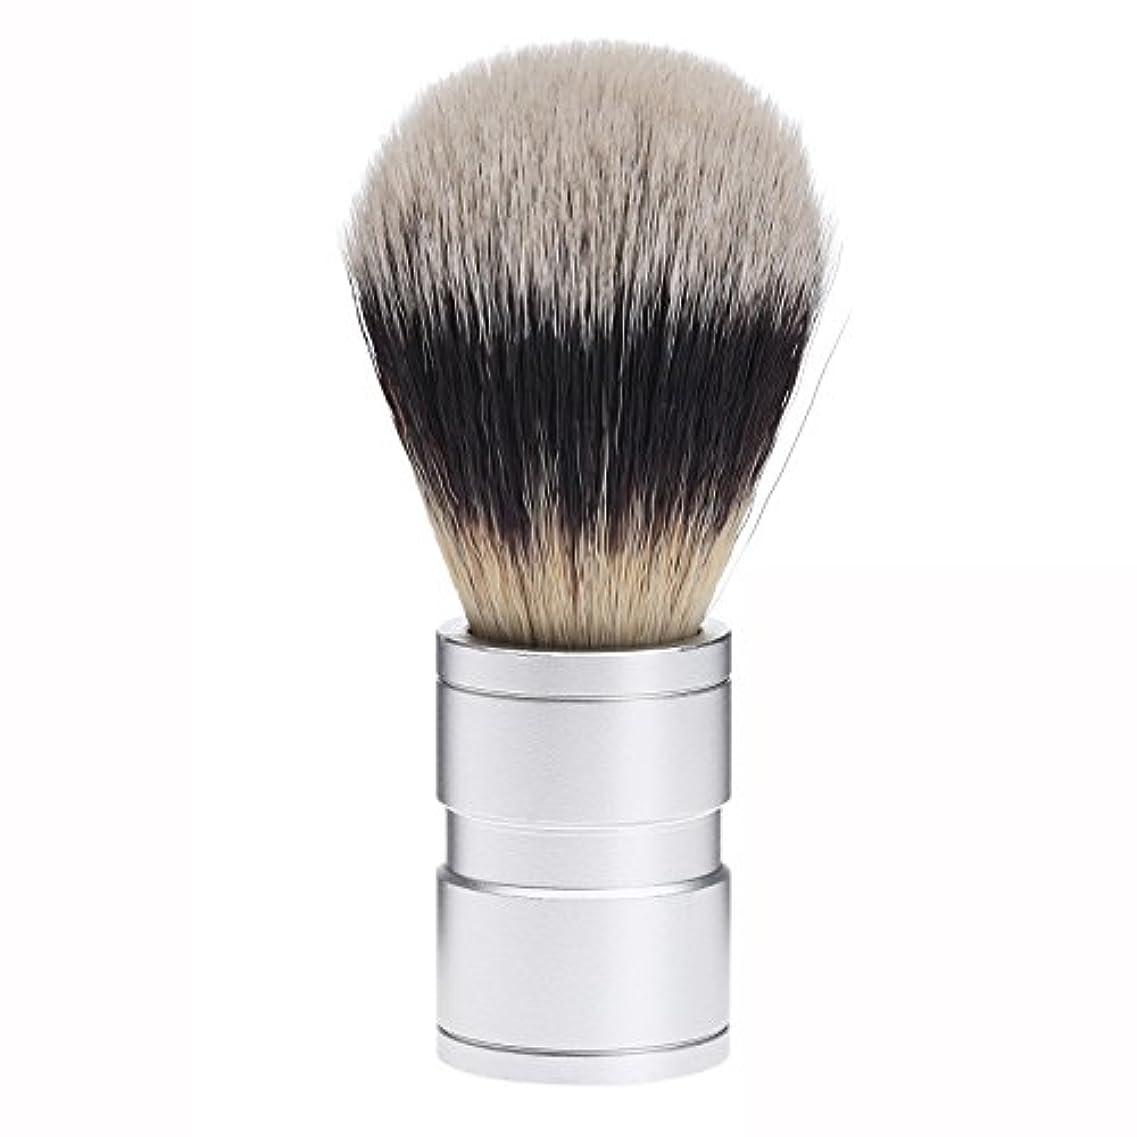 パール脚本家個人的なDophee  シェービング用ブラシ シェービングブラシ メンズ 洗顔ブラシ イミテーションアナグマ毛 ファイン模倣 理容 洗顔 髭剃り